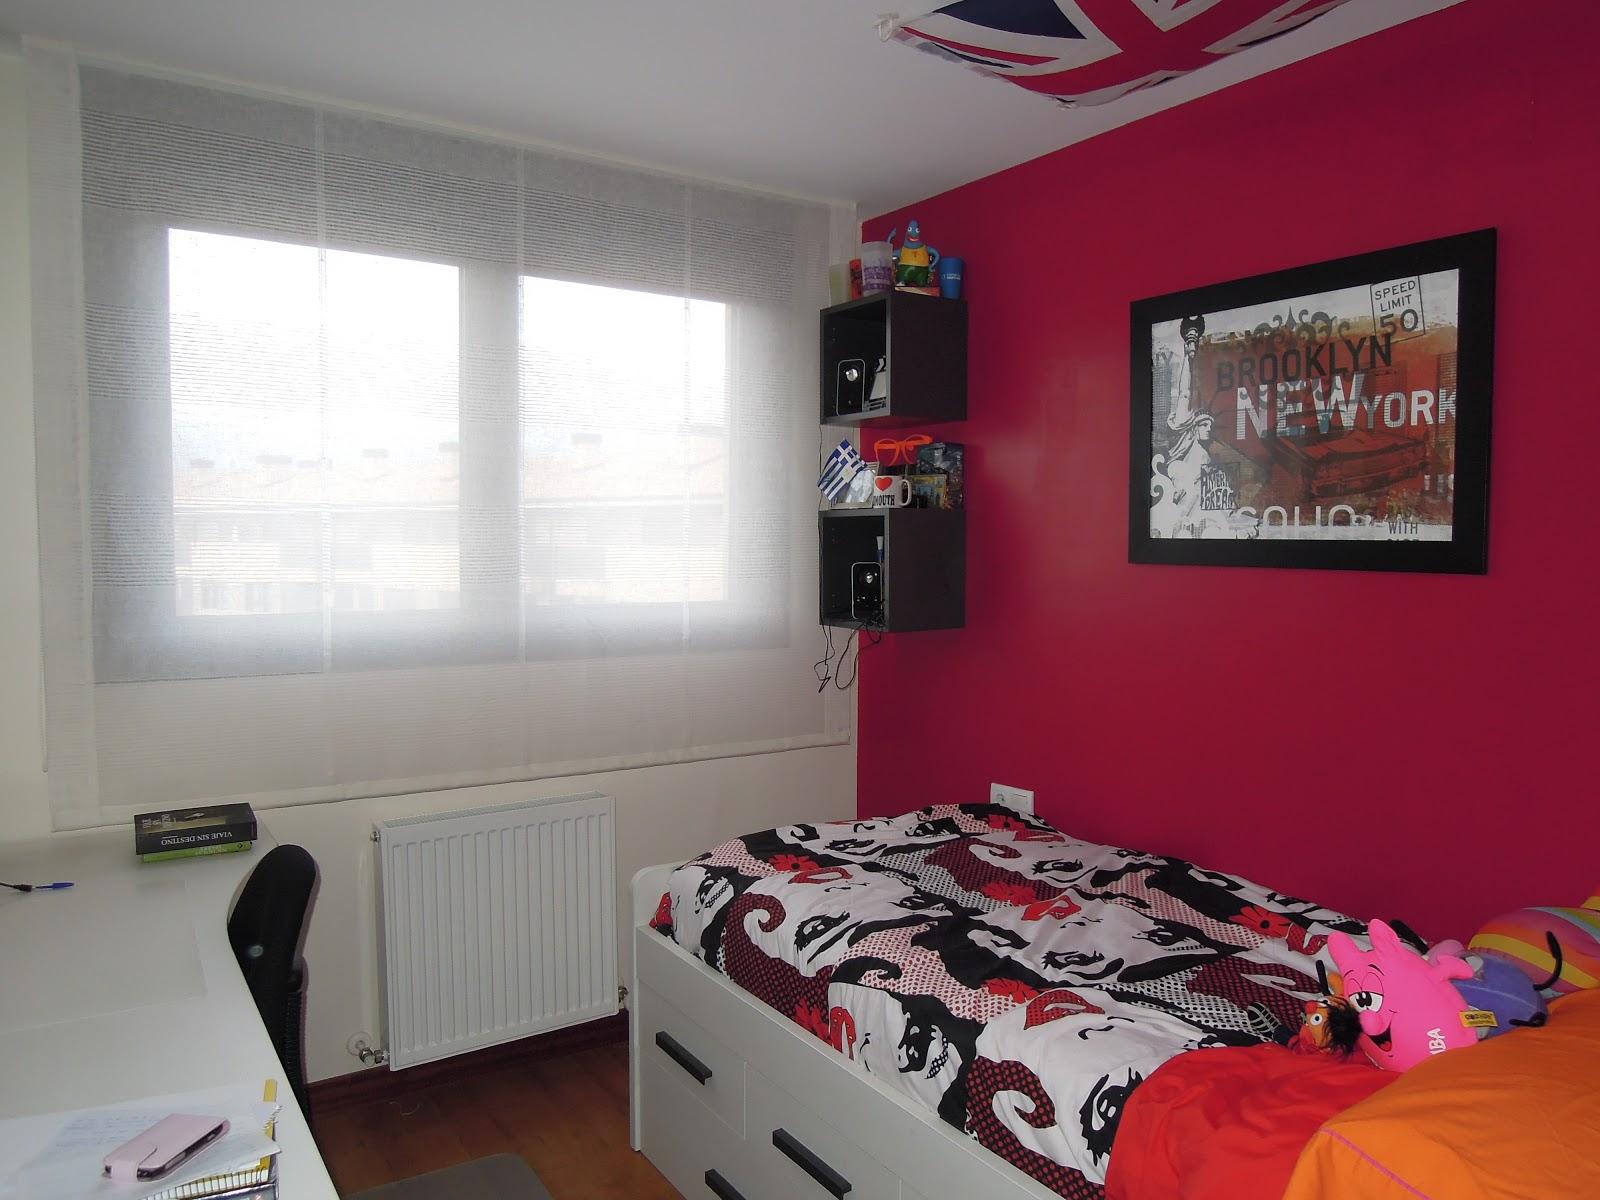 Fotos de Cortinas Dormitorio Juvenil 2012